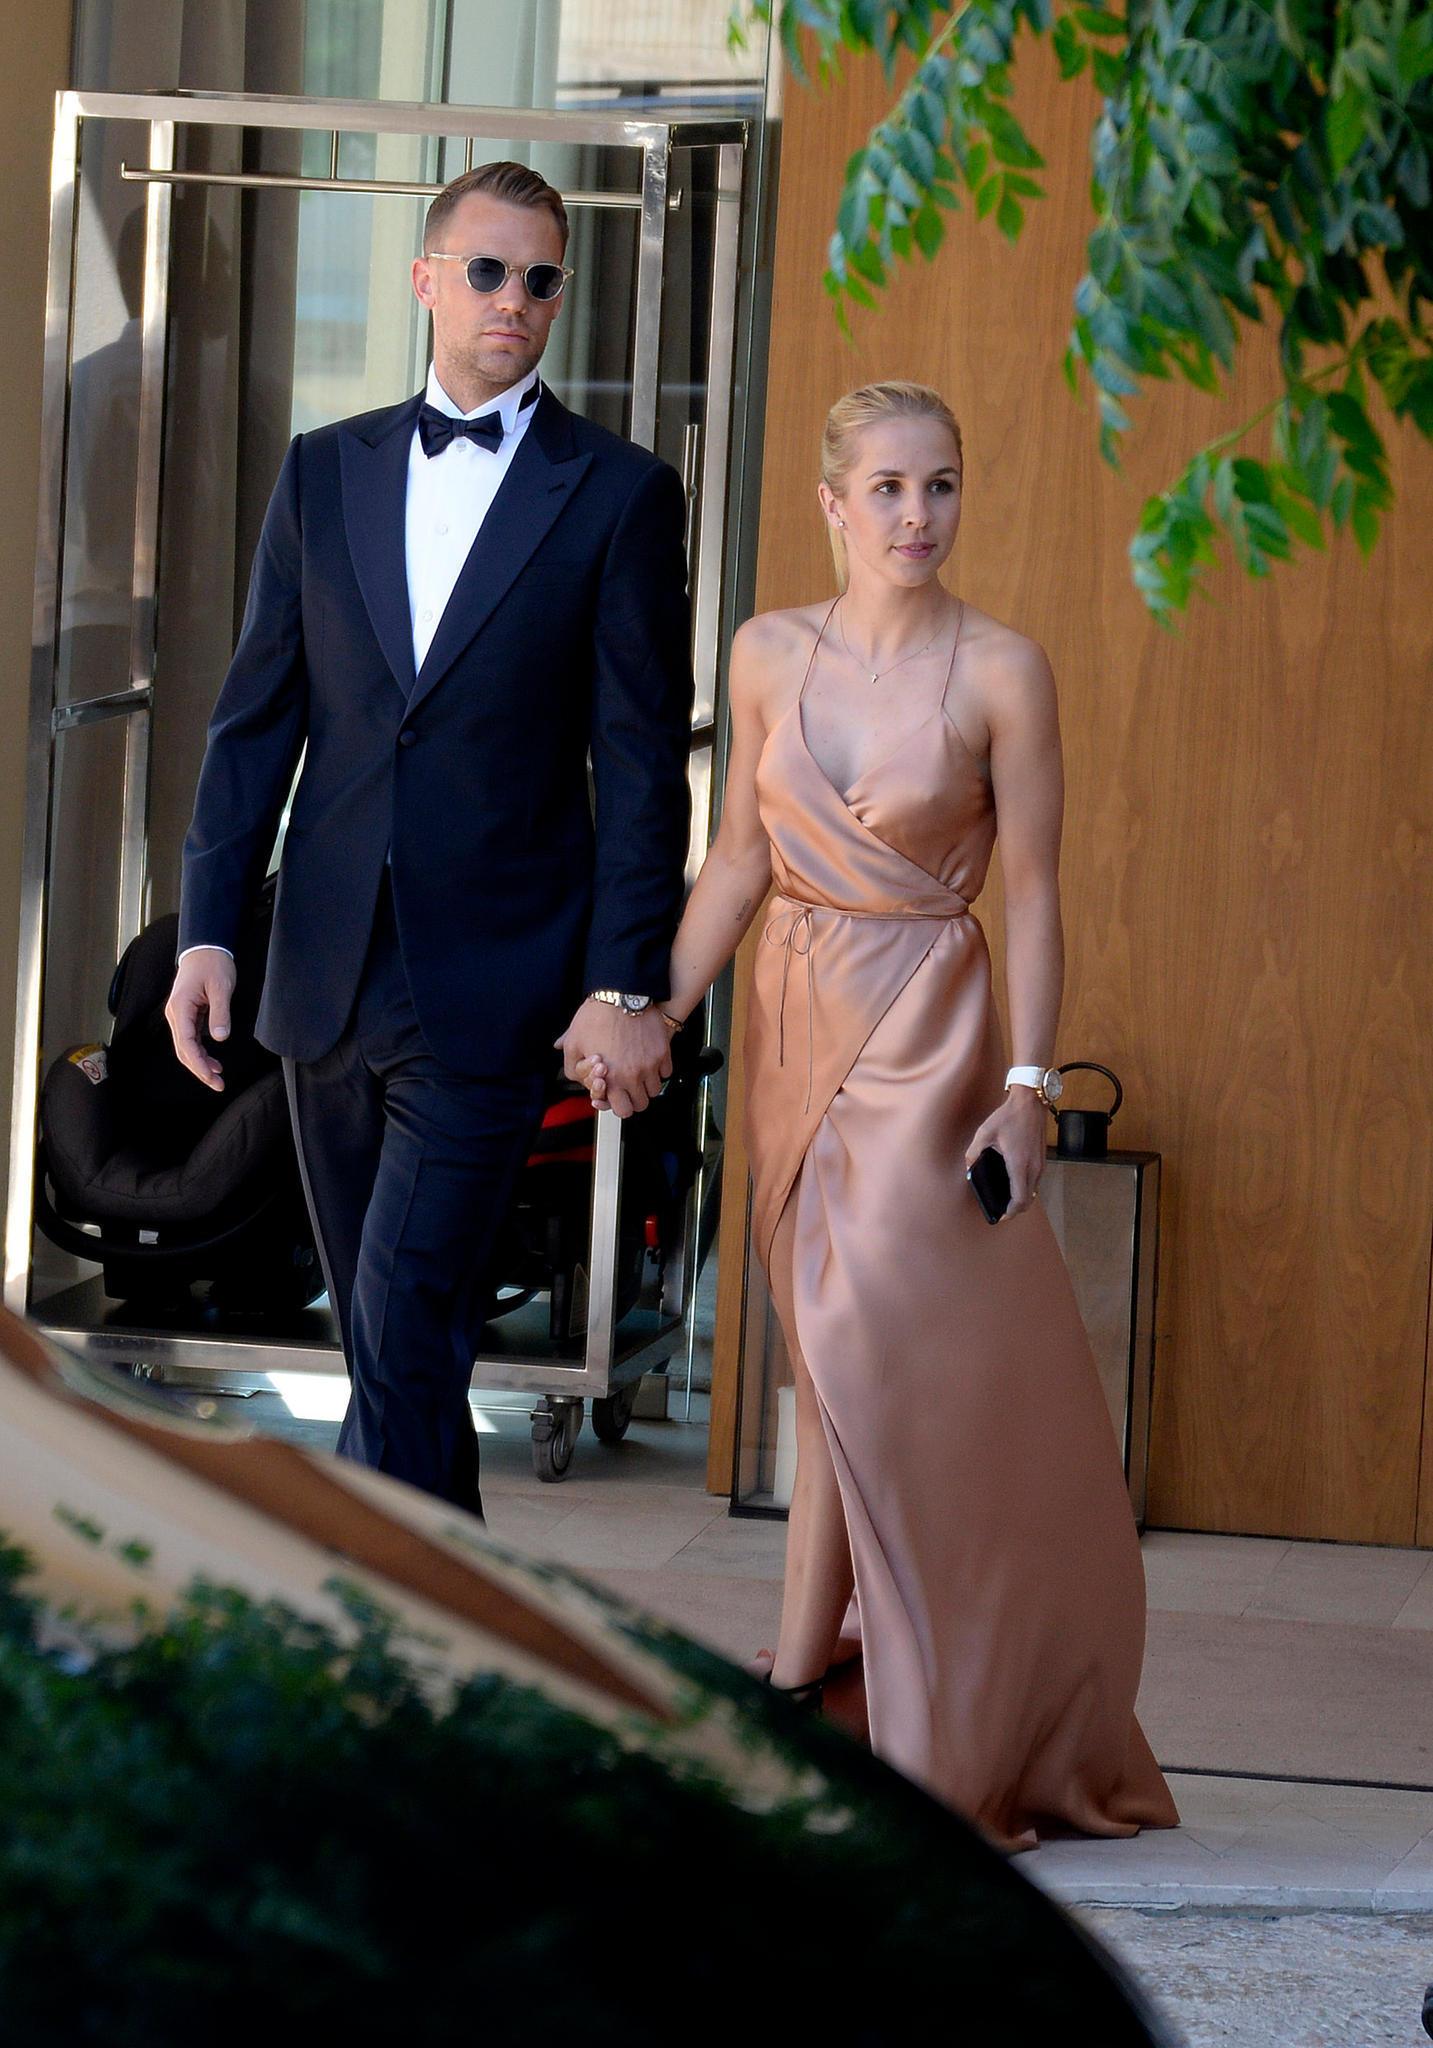 Prominente Hochzeitsgäste:Nationaltorhüter Manuel Neuer und seine Ehefrau Nina machen sich auf den Weg zur Trauung.